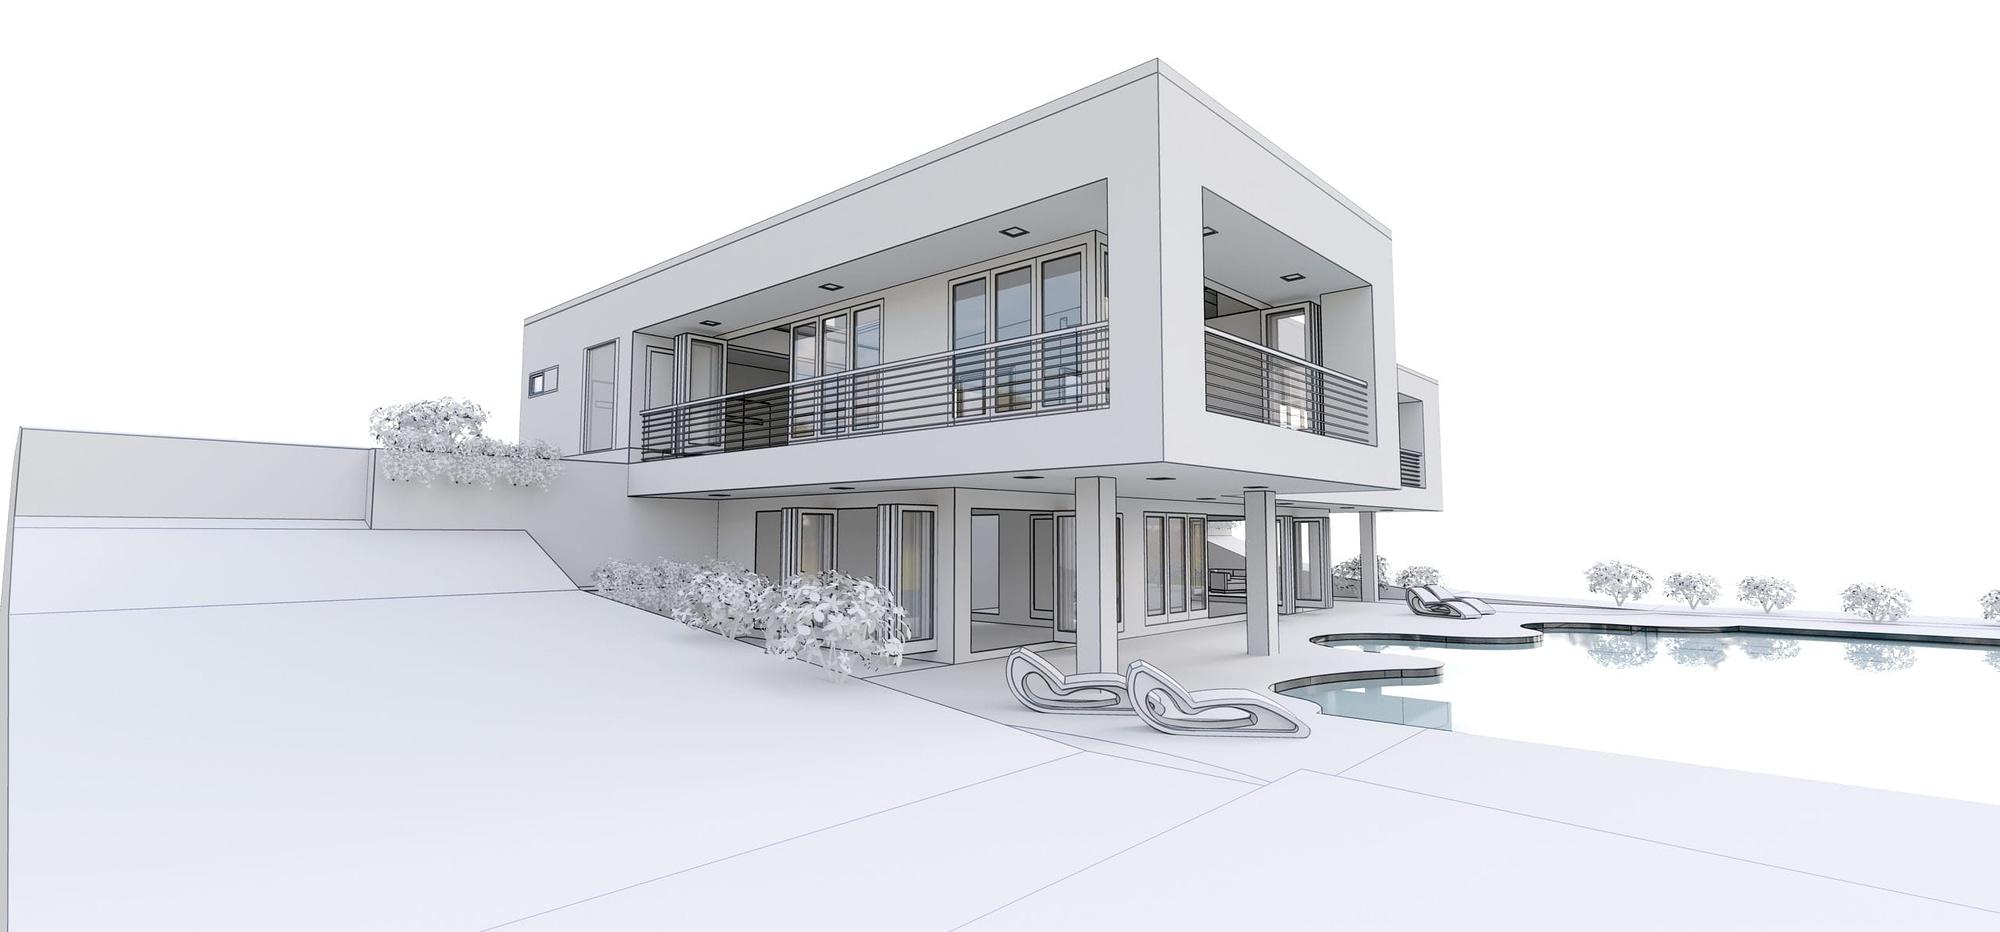 3d modern house, on white background. 3d illustration